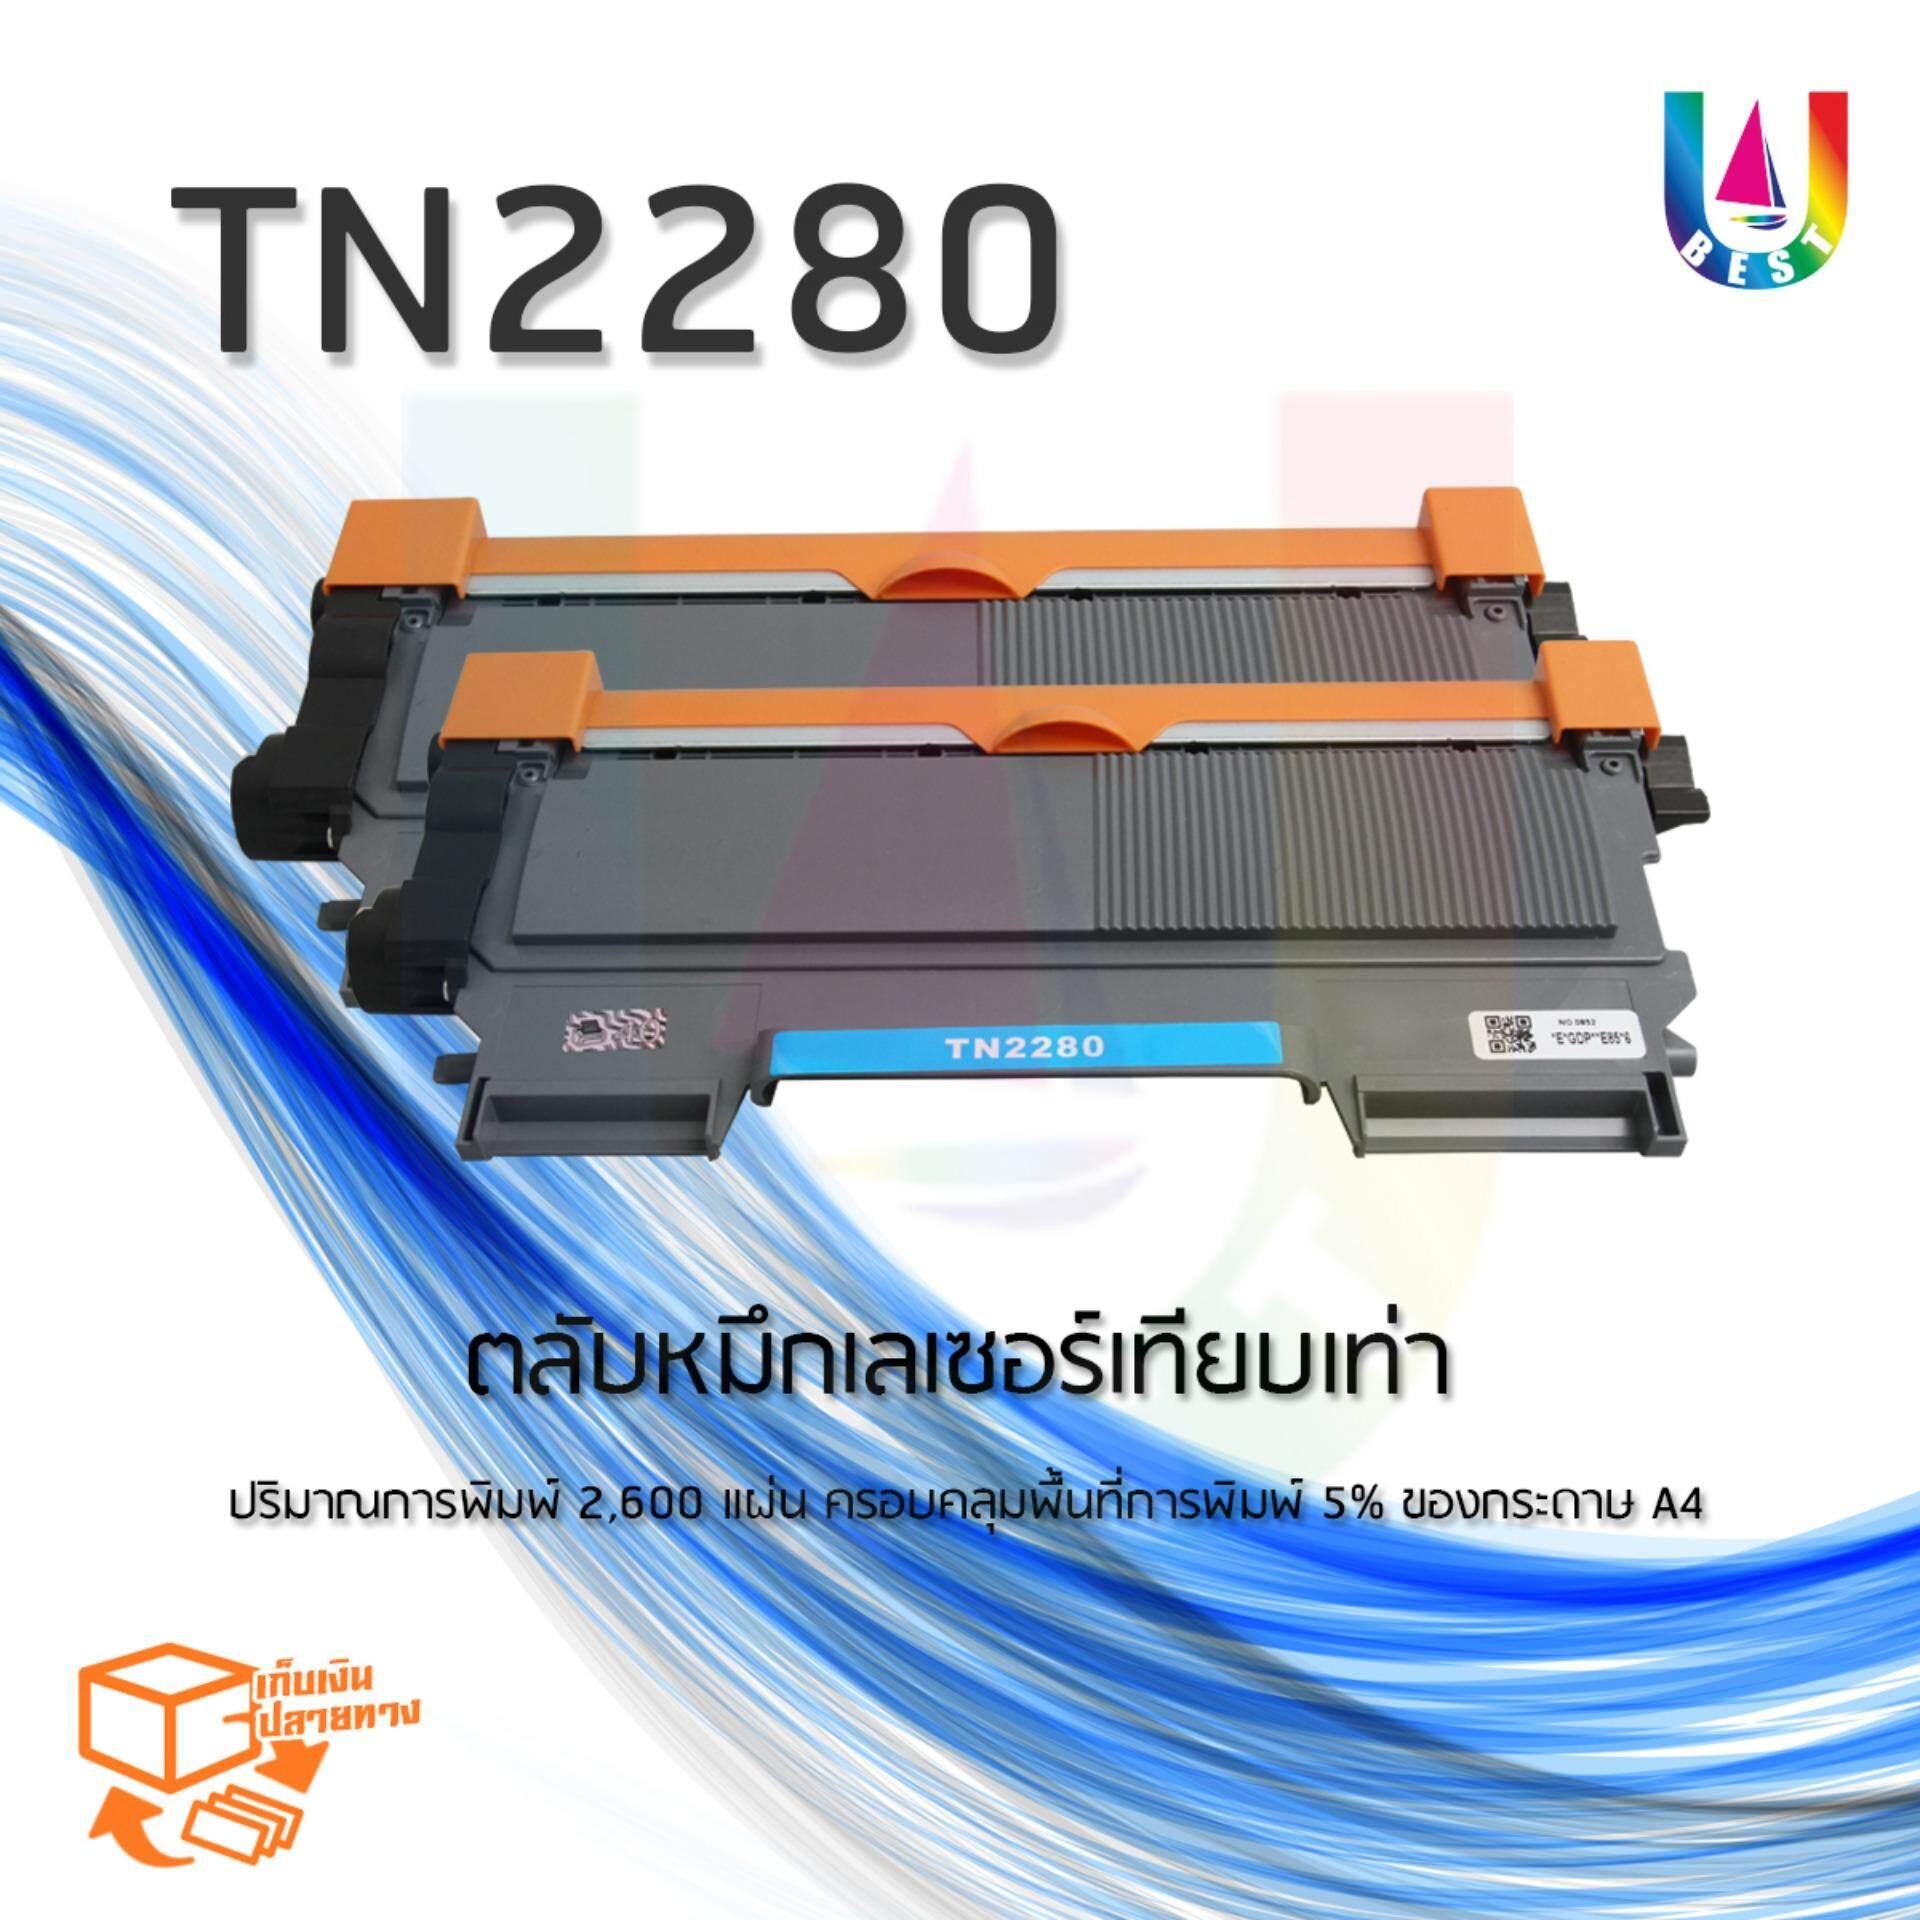 ราคา Axis Brother 2280 Tn 2280 Tn2280 ใช้กับปริ๊นเตอร์รุ่น Brother Hl 2130 2240D 2242D 2250Dn 2270Dw Dcp 7055 4060D 7065Dn Mfc 7240 7360N 7362 7460Dn 7470D 7860Dw Best4U Pack 2 เป็นต้นฉบับ Best 4 U